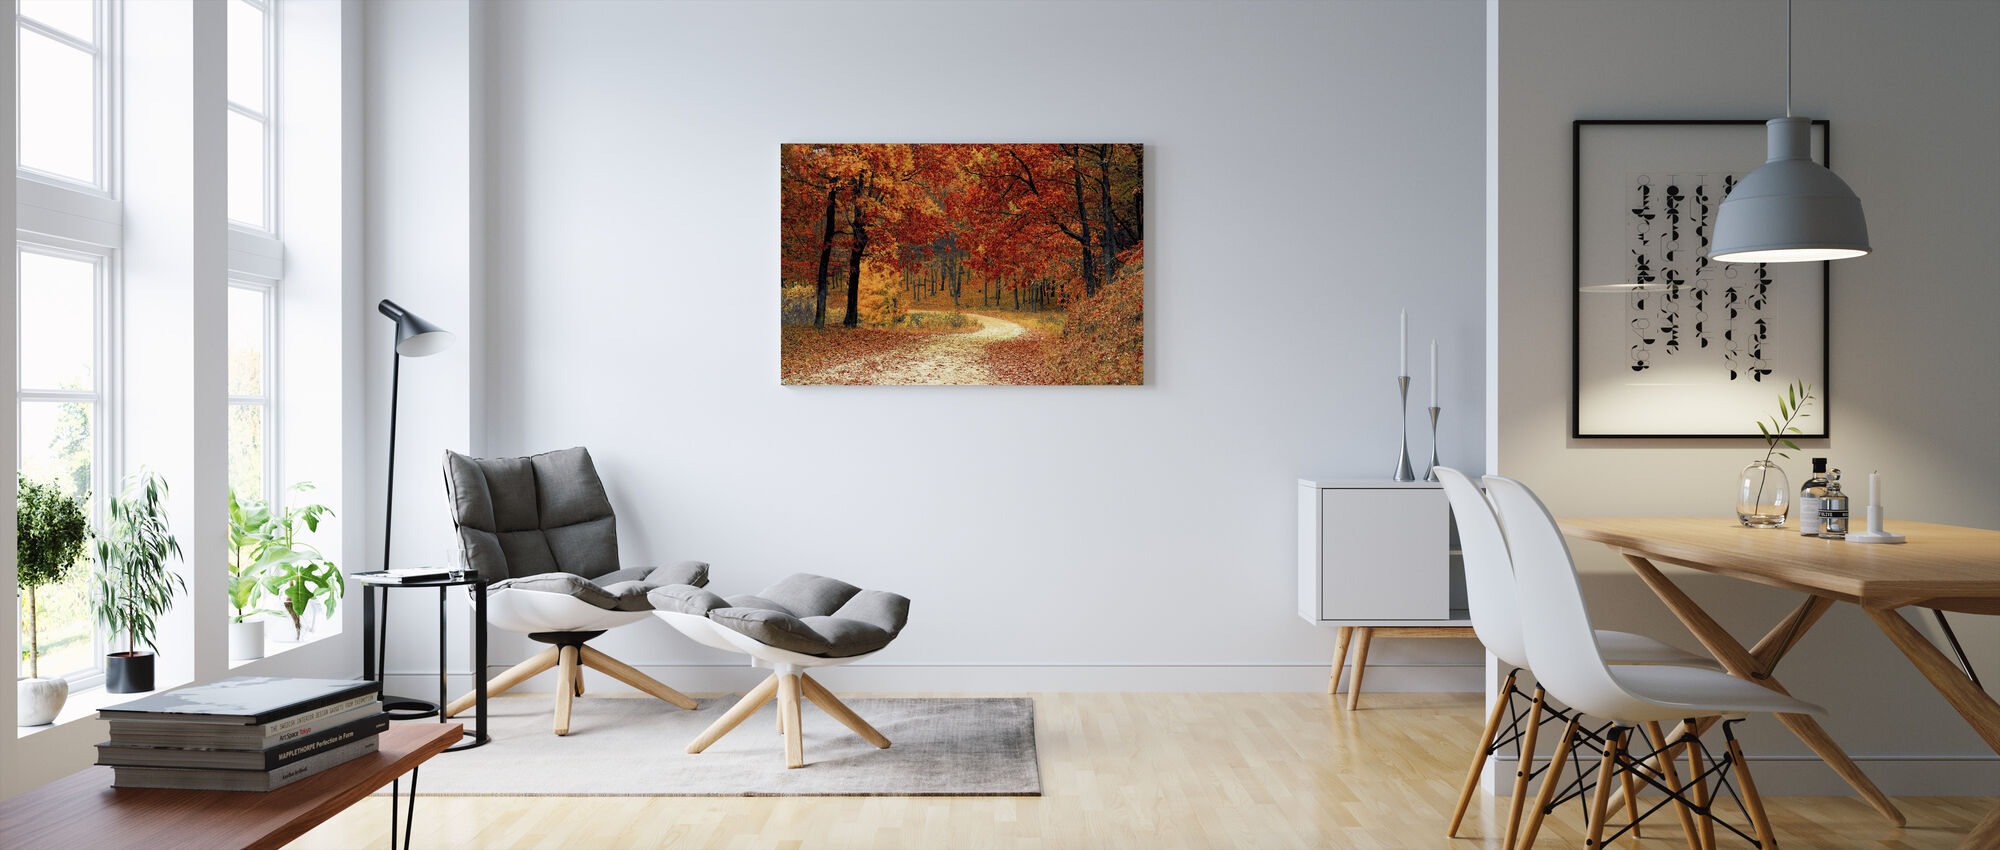 Ścieżka leśna - Obraz na płótnie - Pokój dzienny